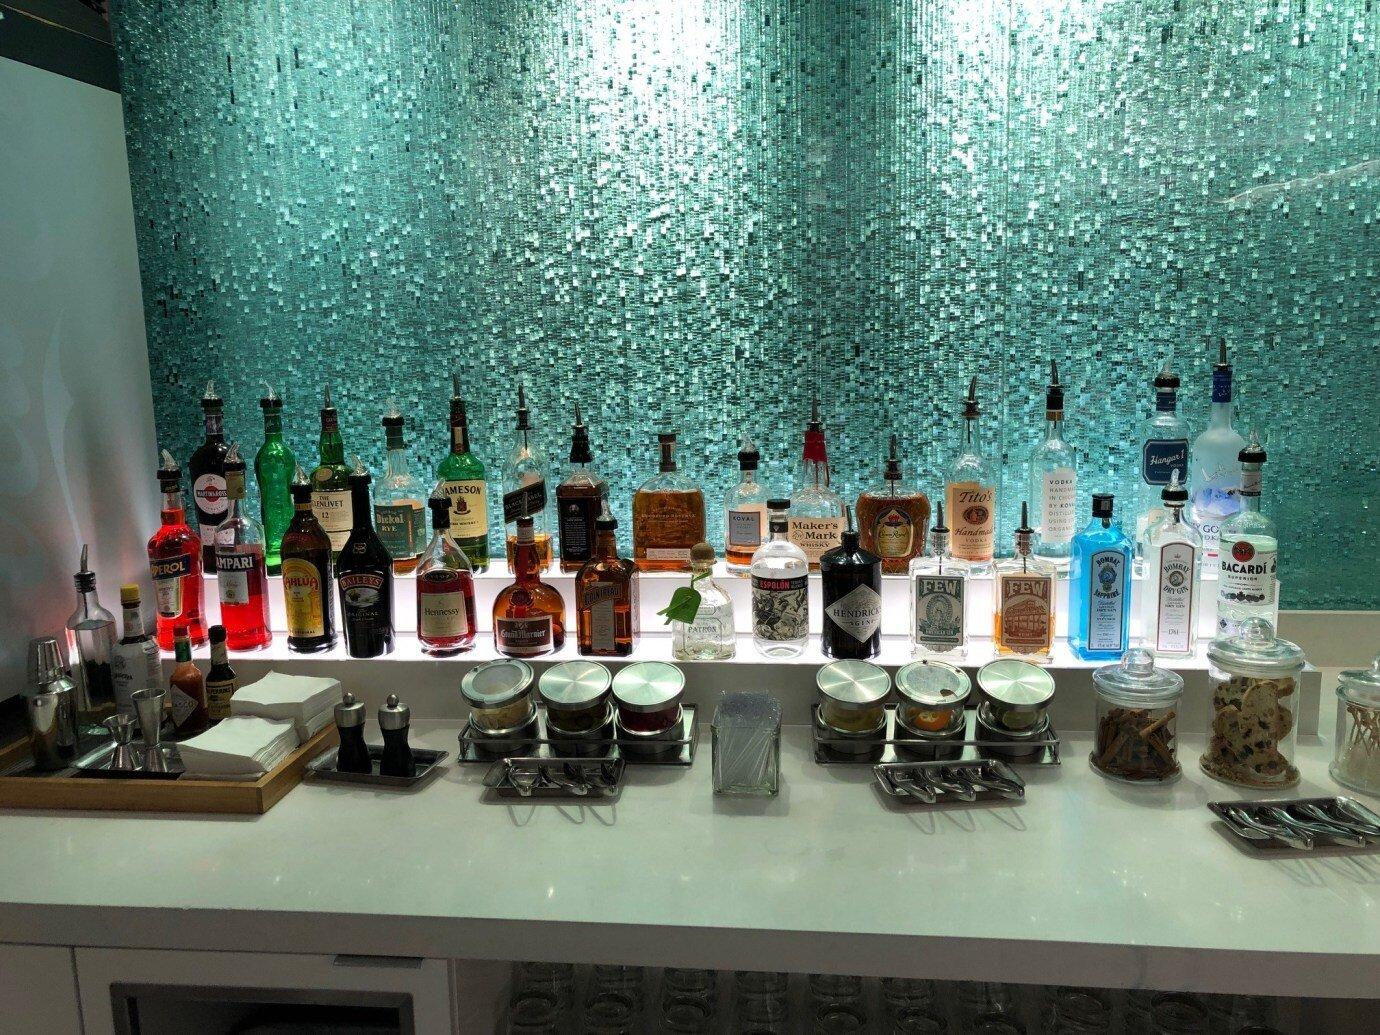 琳瑯滿目的烈酒,Flagship Lounge 內並沒有進駐酒吧的酒保 (Bar Tender),所有酒品都是自助式的